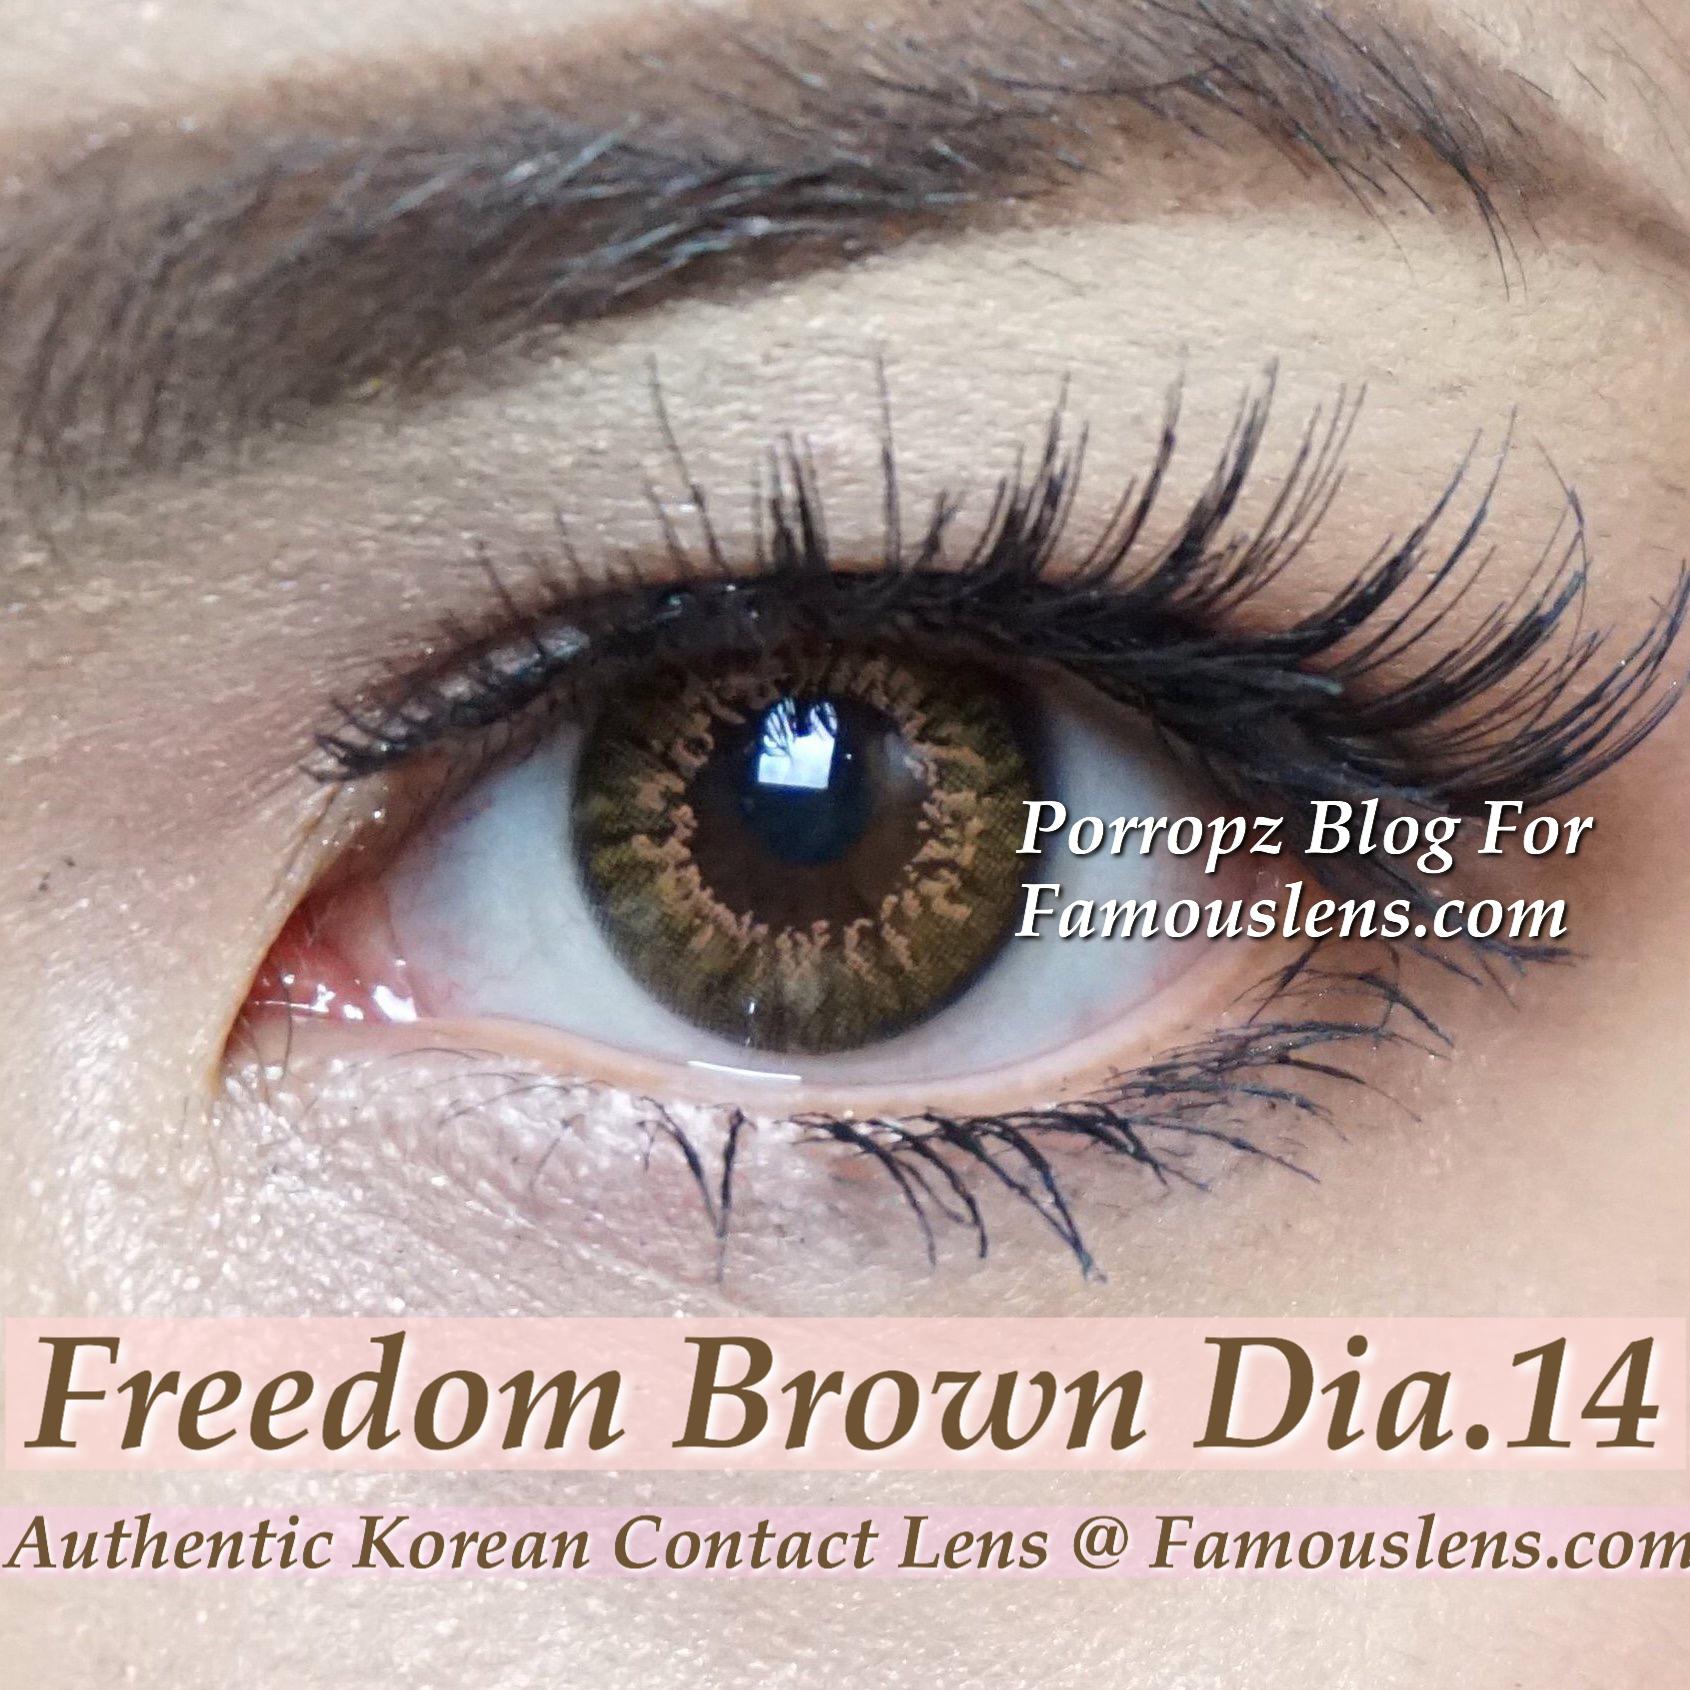 Freedom Brown คอนแทคเลนส์สีน้ำตาล ขนาดพอดีตา รุ่น ญาญ่า เลนส์นิ่ม บาง ใส่สบาย